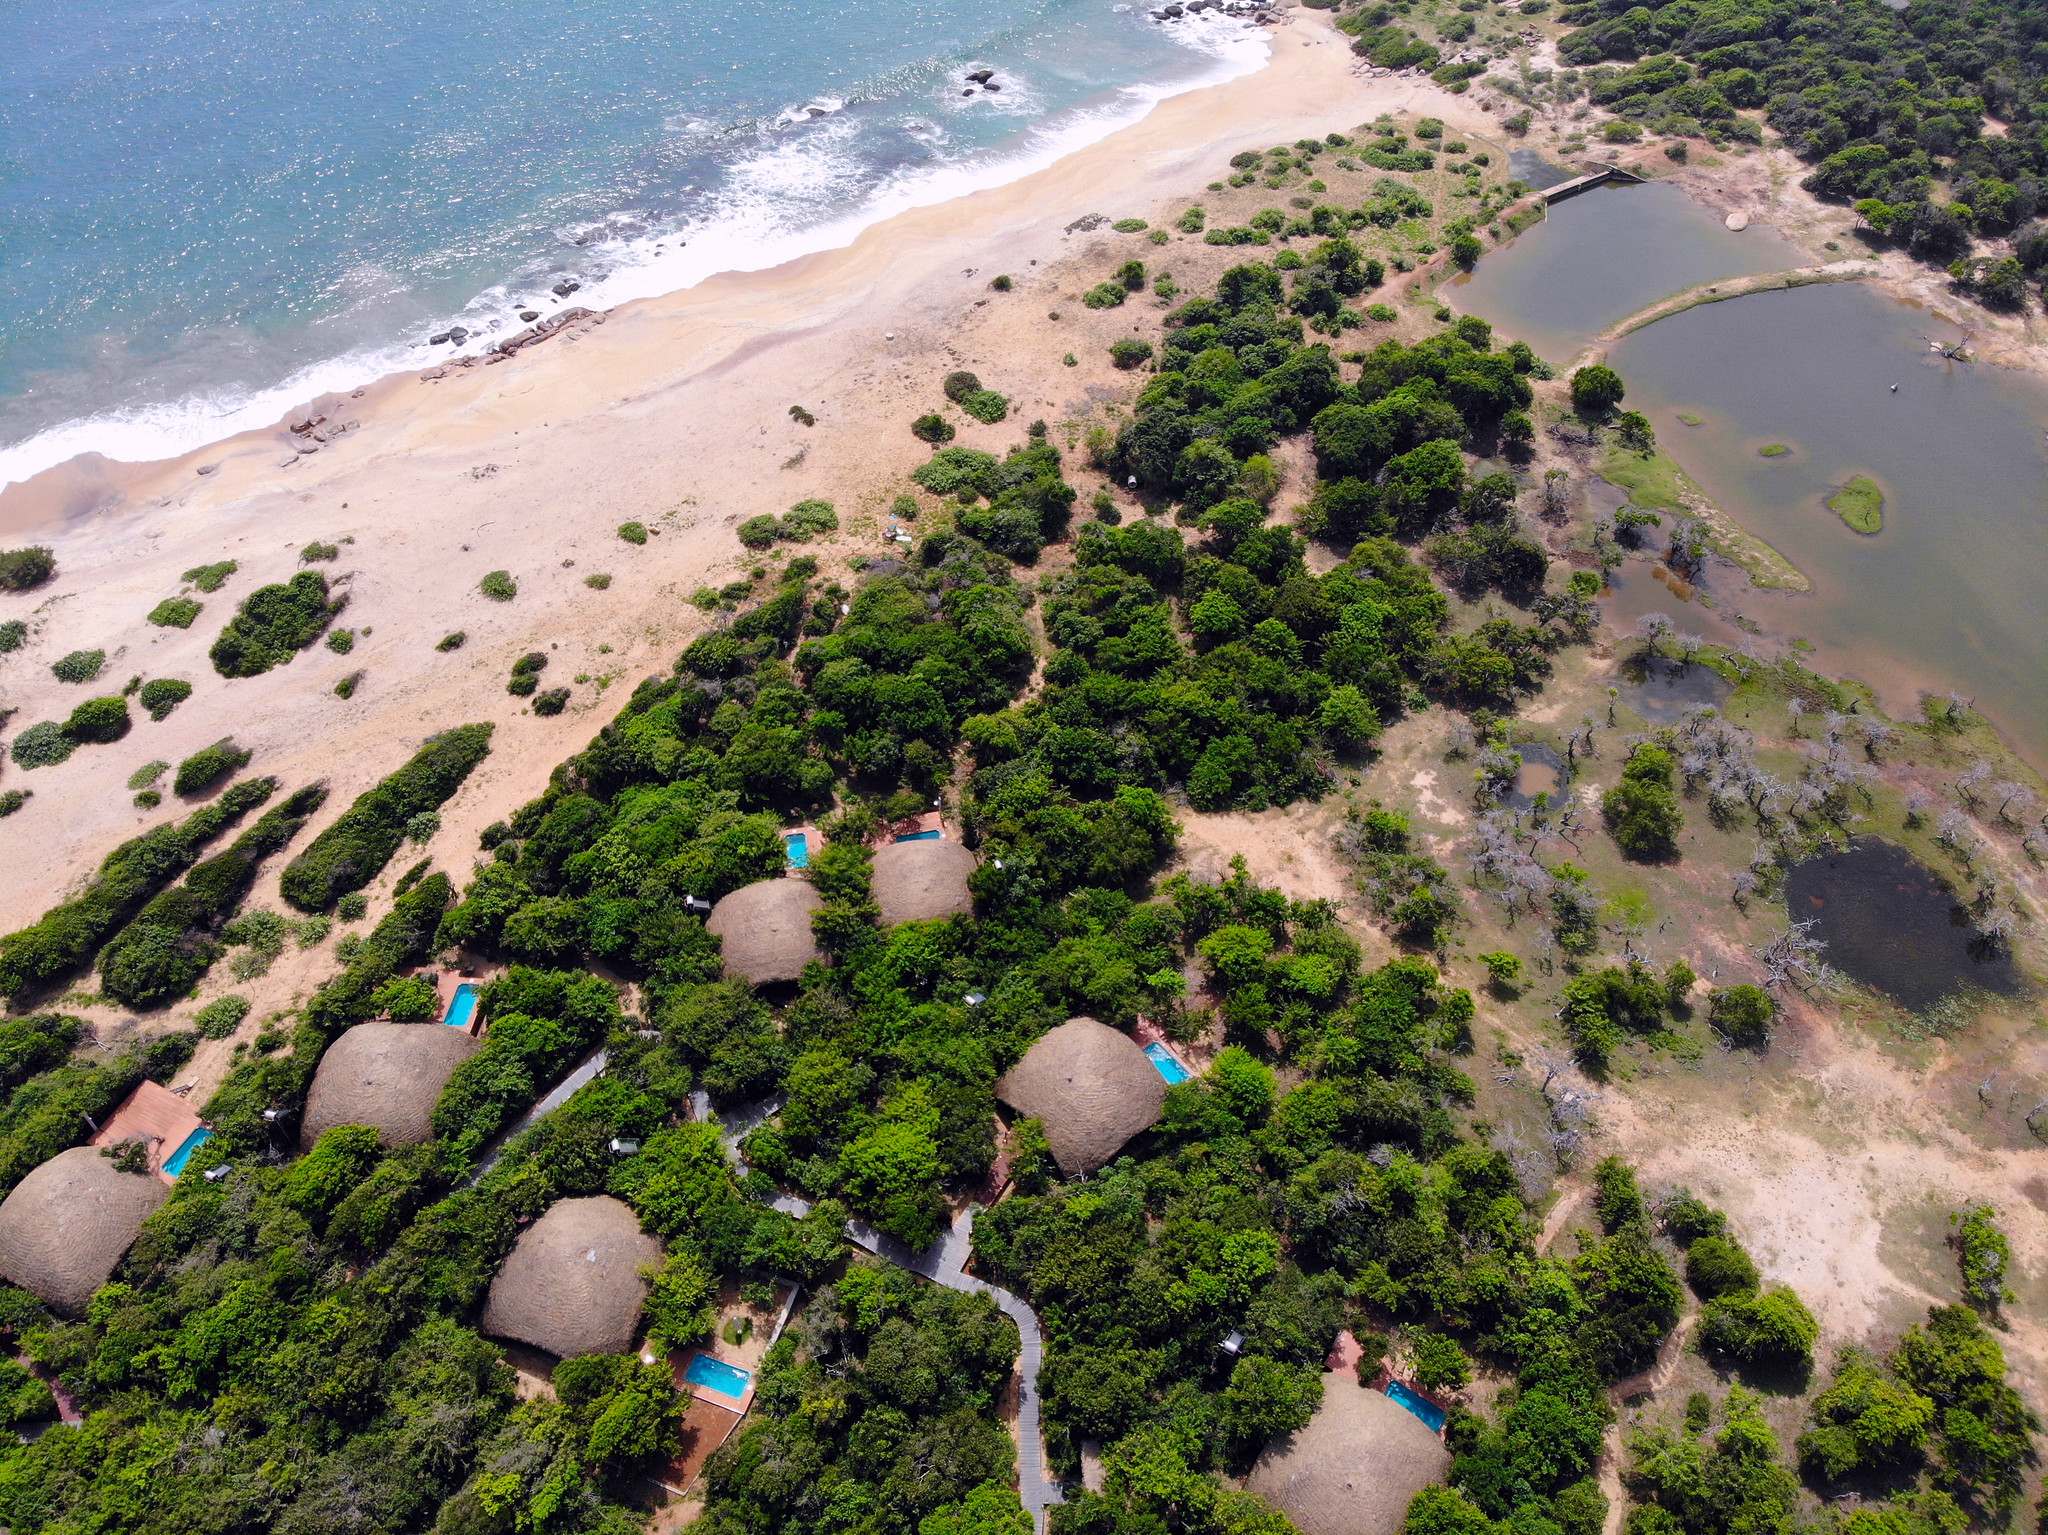 Hotel Chena Huts by Uga Escapes Yala Sri Lanka - Thewotme chena huts - 50943784251 36aeef60c2 k - Chena Huts by UGA Escapes, un pequeño paraíso en Yala